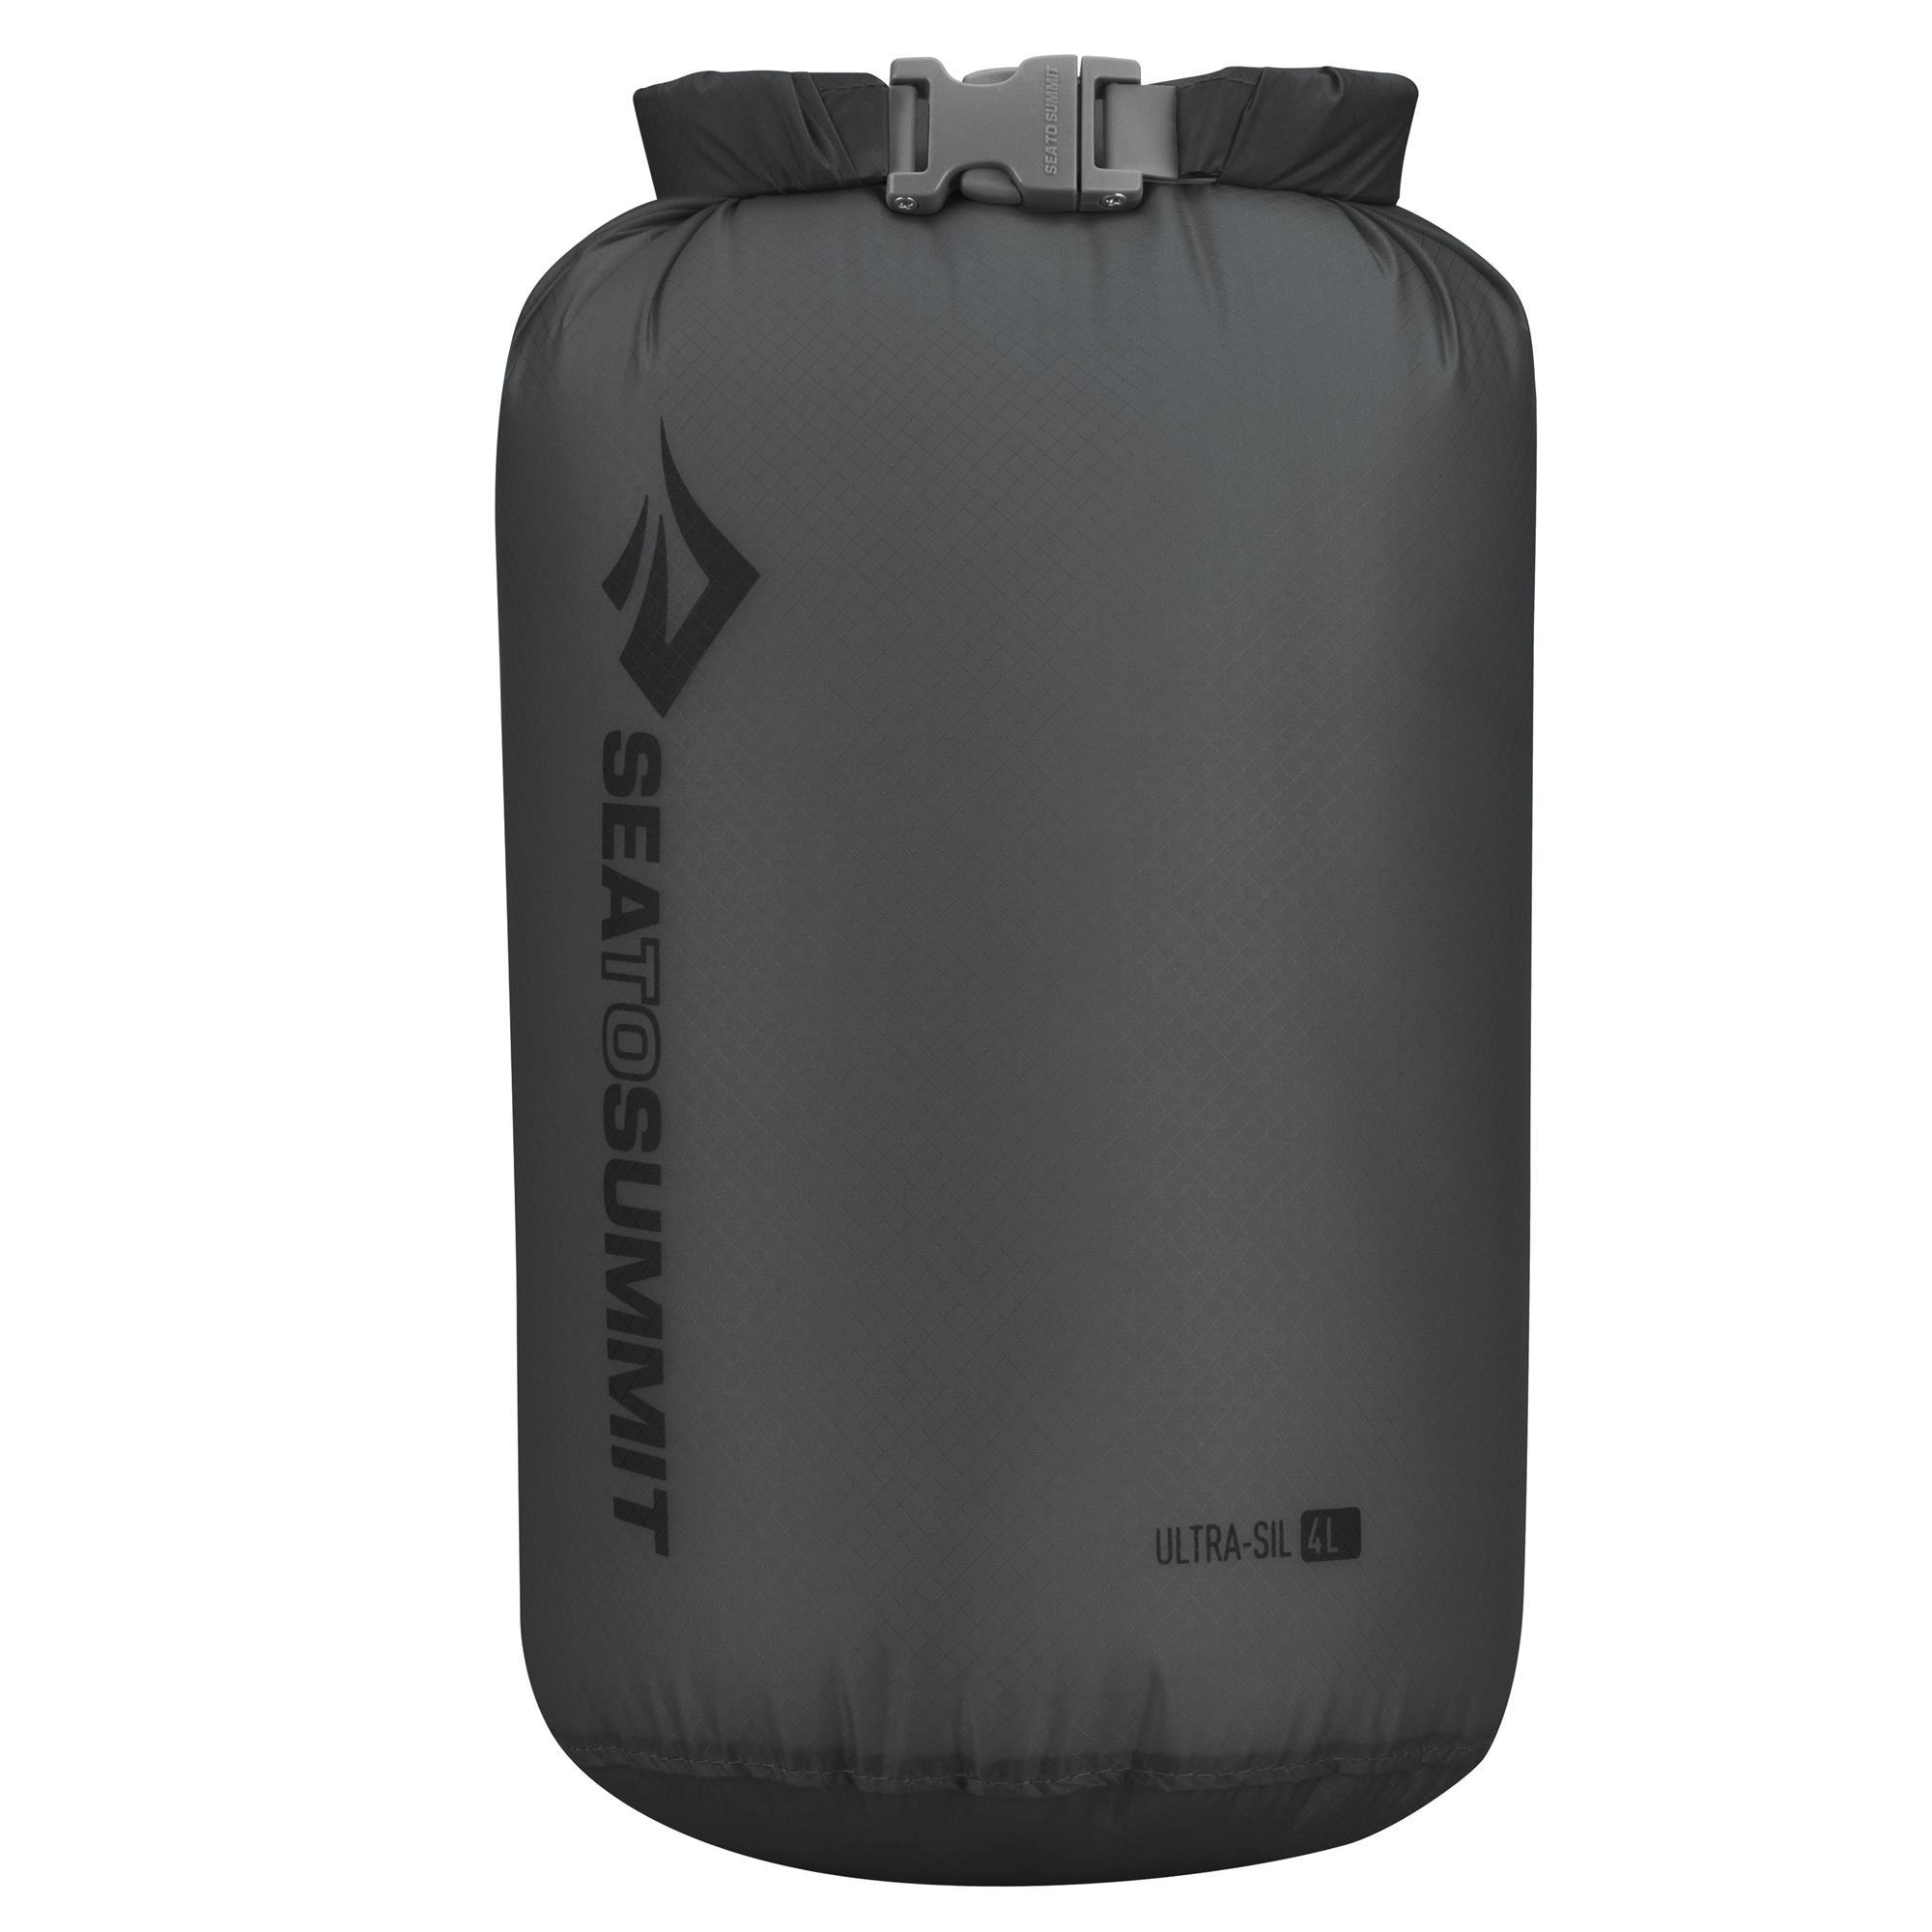 sea to summit Ultra-Sil Dry Sack 4L Packsack grau jetztbilligerkaufen